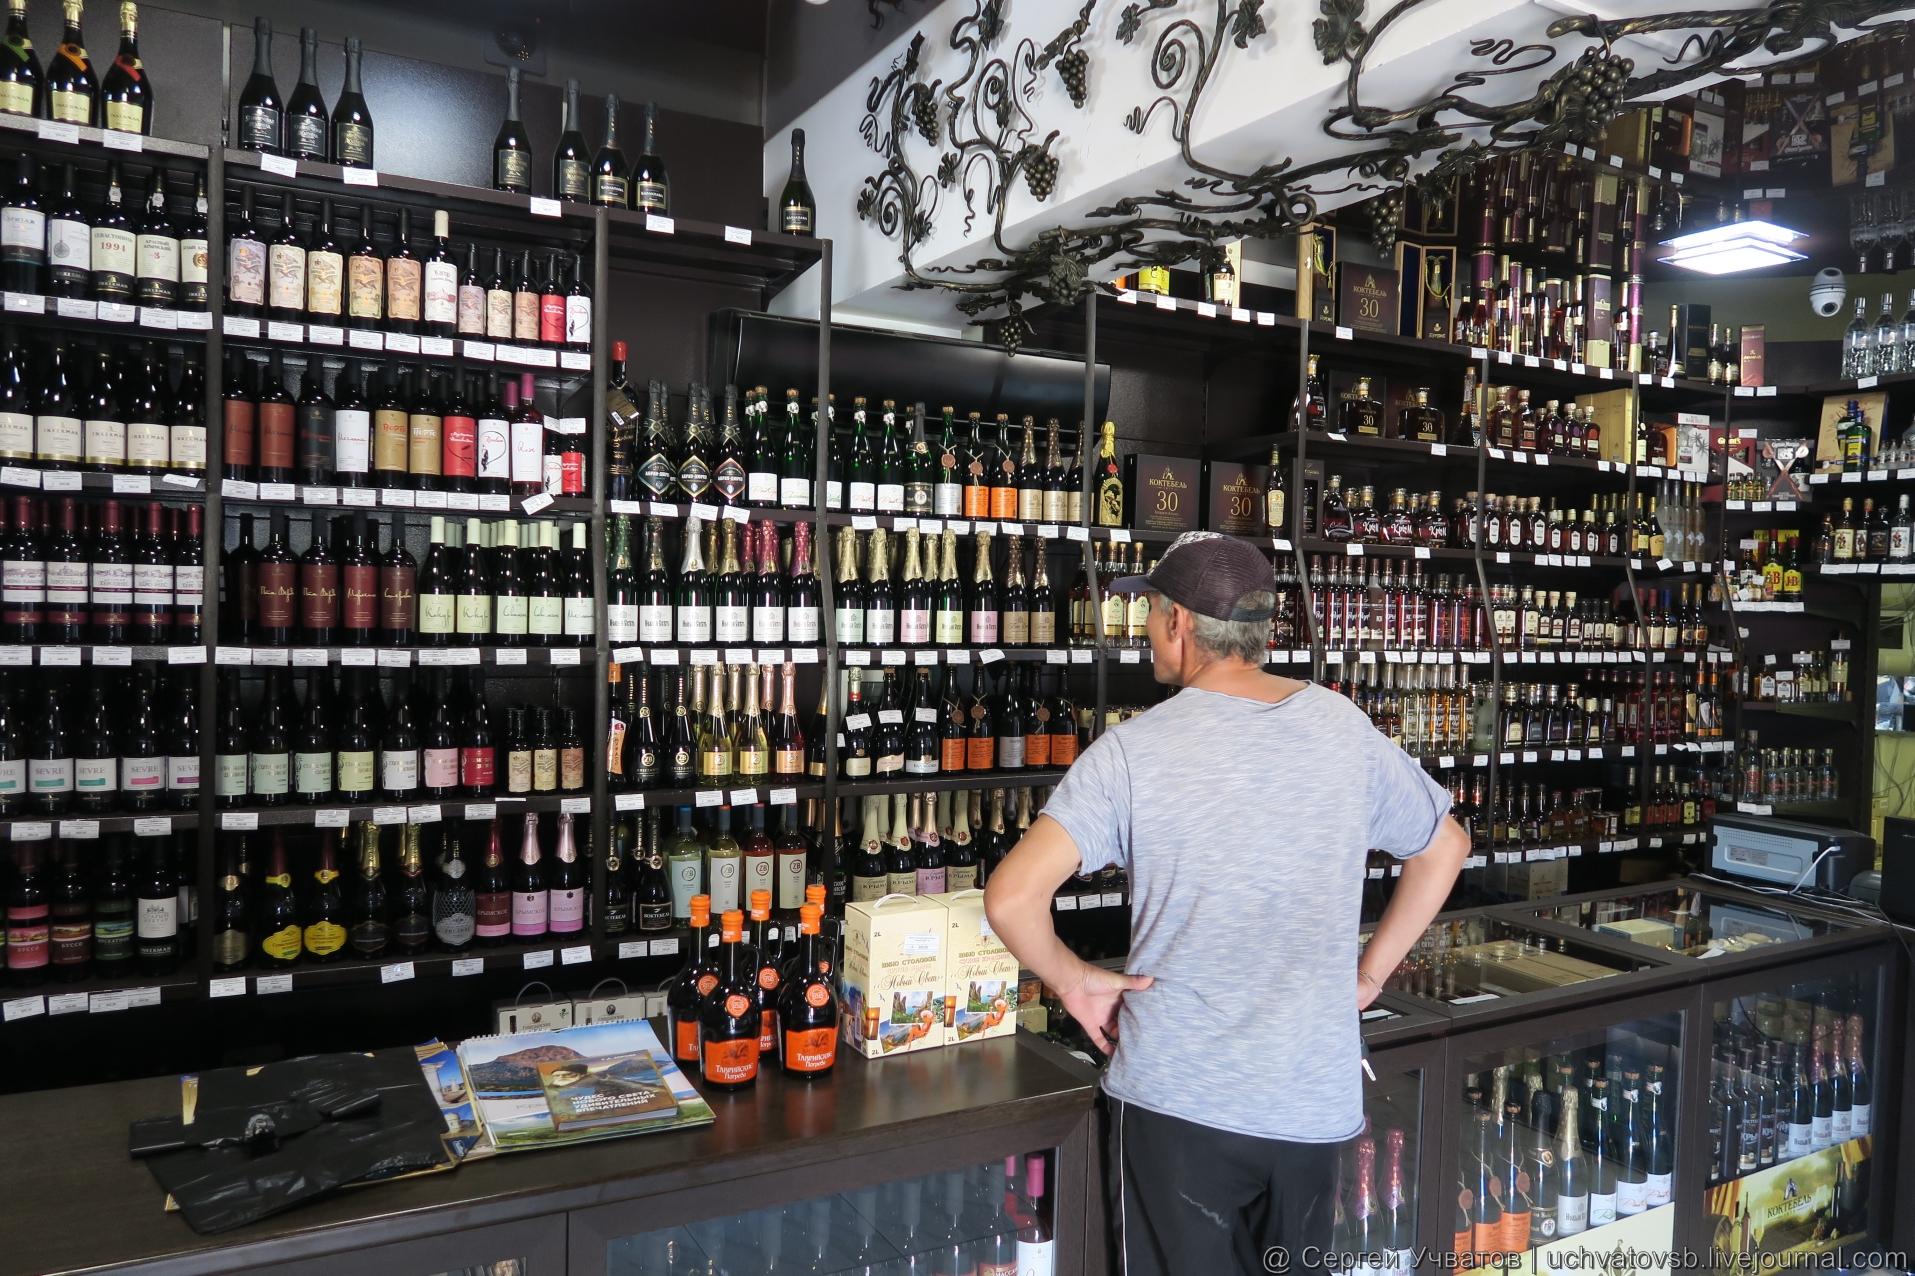 сколько стоит крымское и другое вино в крыму - 1